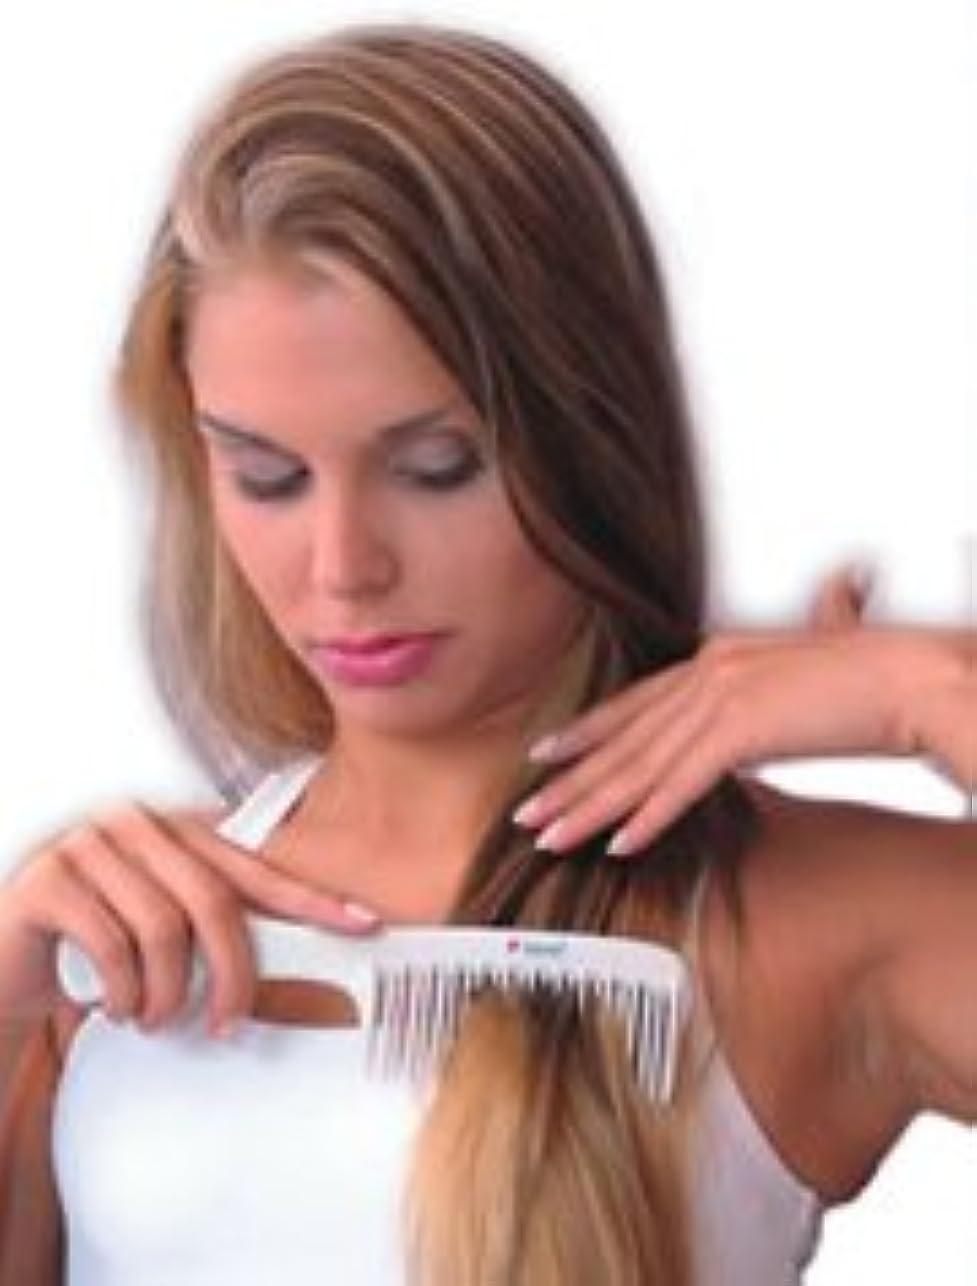 評価する最も特性?ブラジル美容業界で大ヒット?INVEL(インヴェル)BIOヘアブラシ3本セット